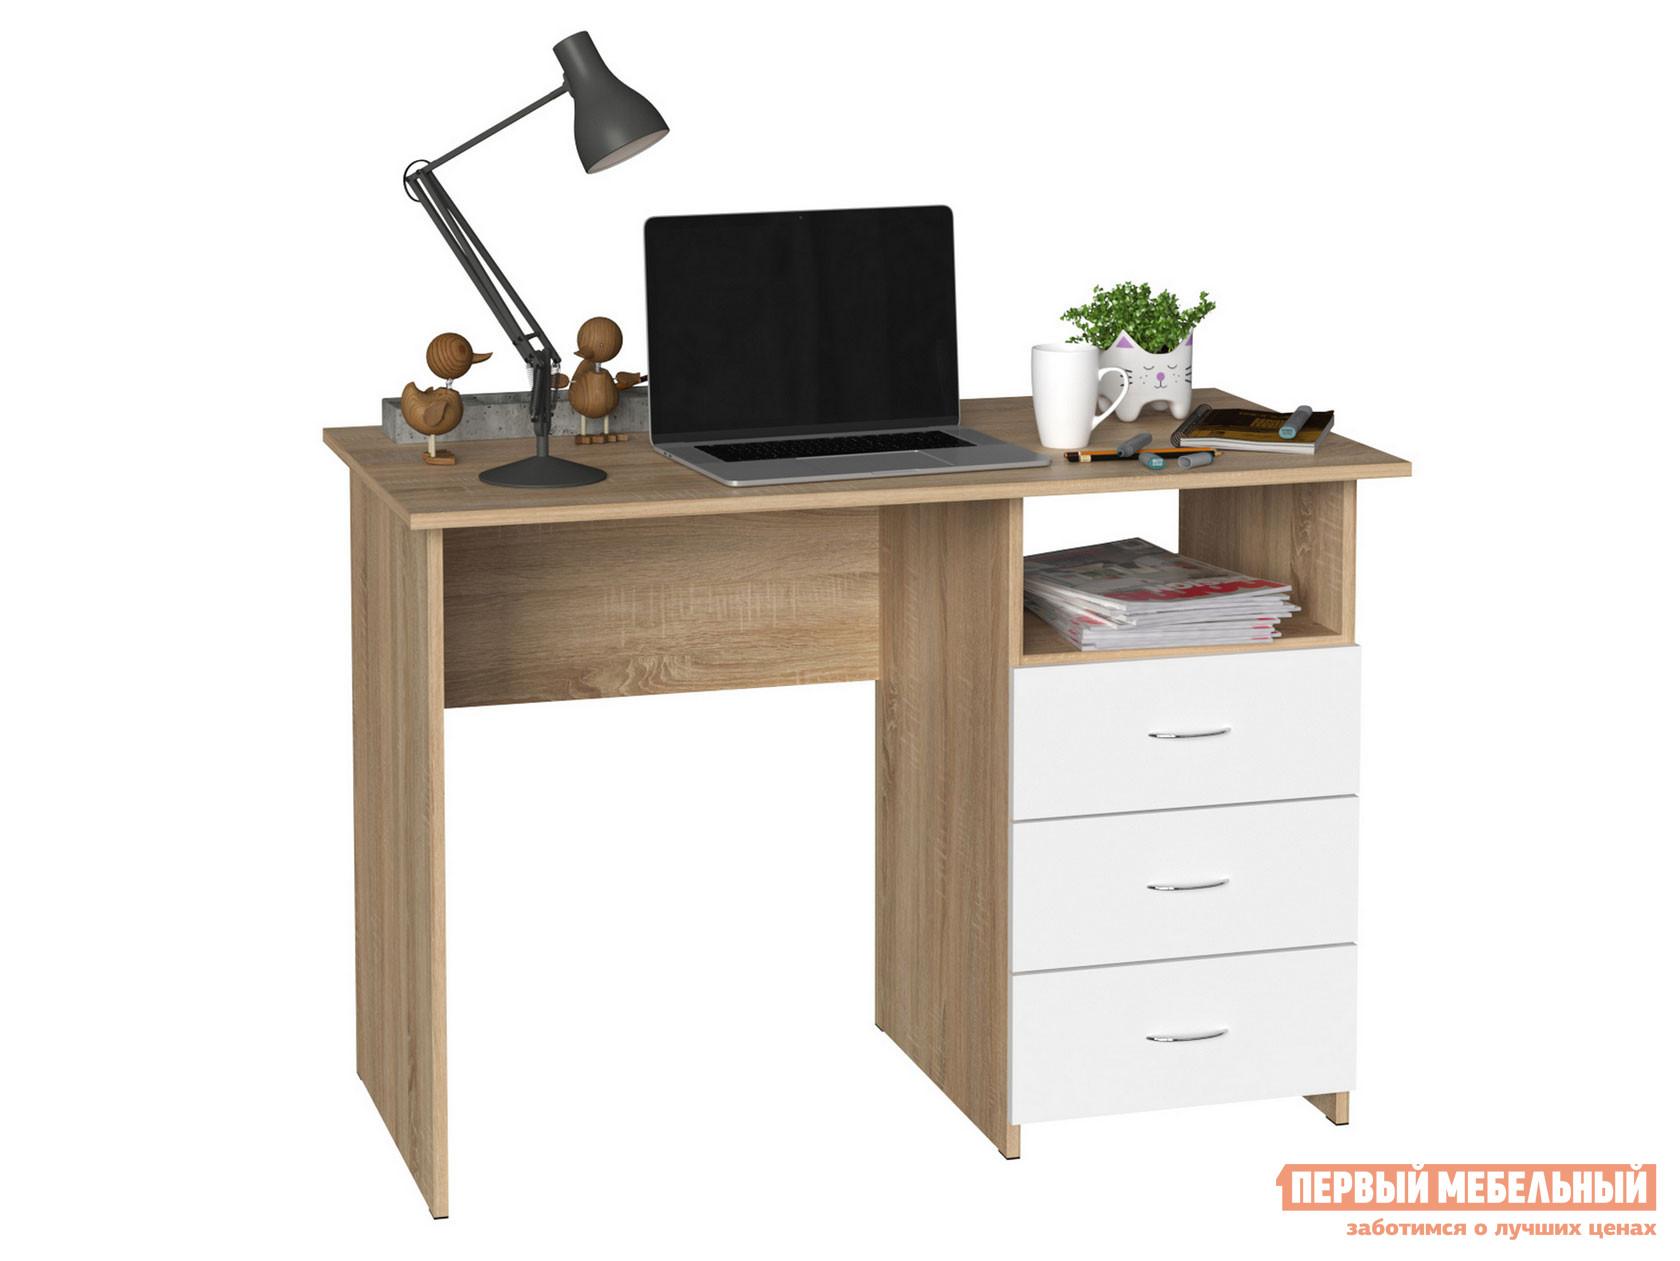 Компьютерный стол ФурниТурни 2201.М1